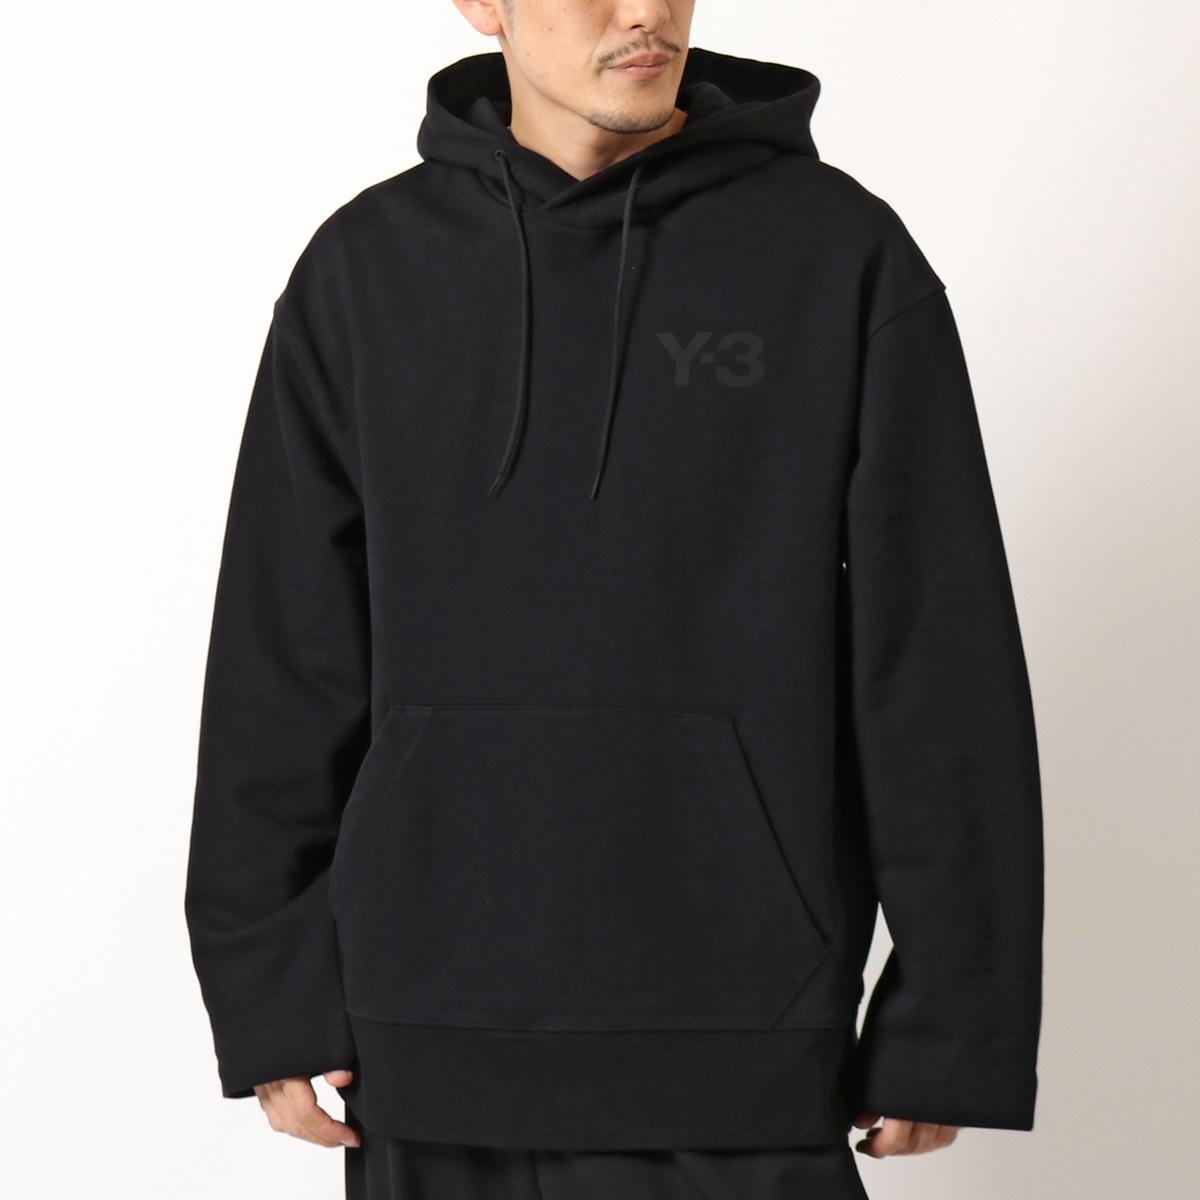 Y-3 ワイスリー adidas アディダス YOHJI YAMAMOTO FN3379 スウェット トレーナー プルオーバー パーカー ロゴ コットン BLACK メンズ